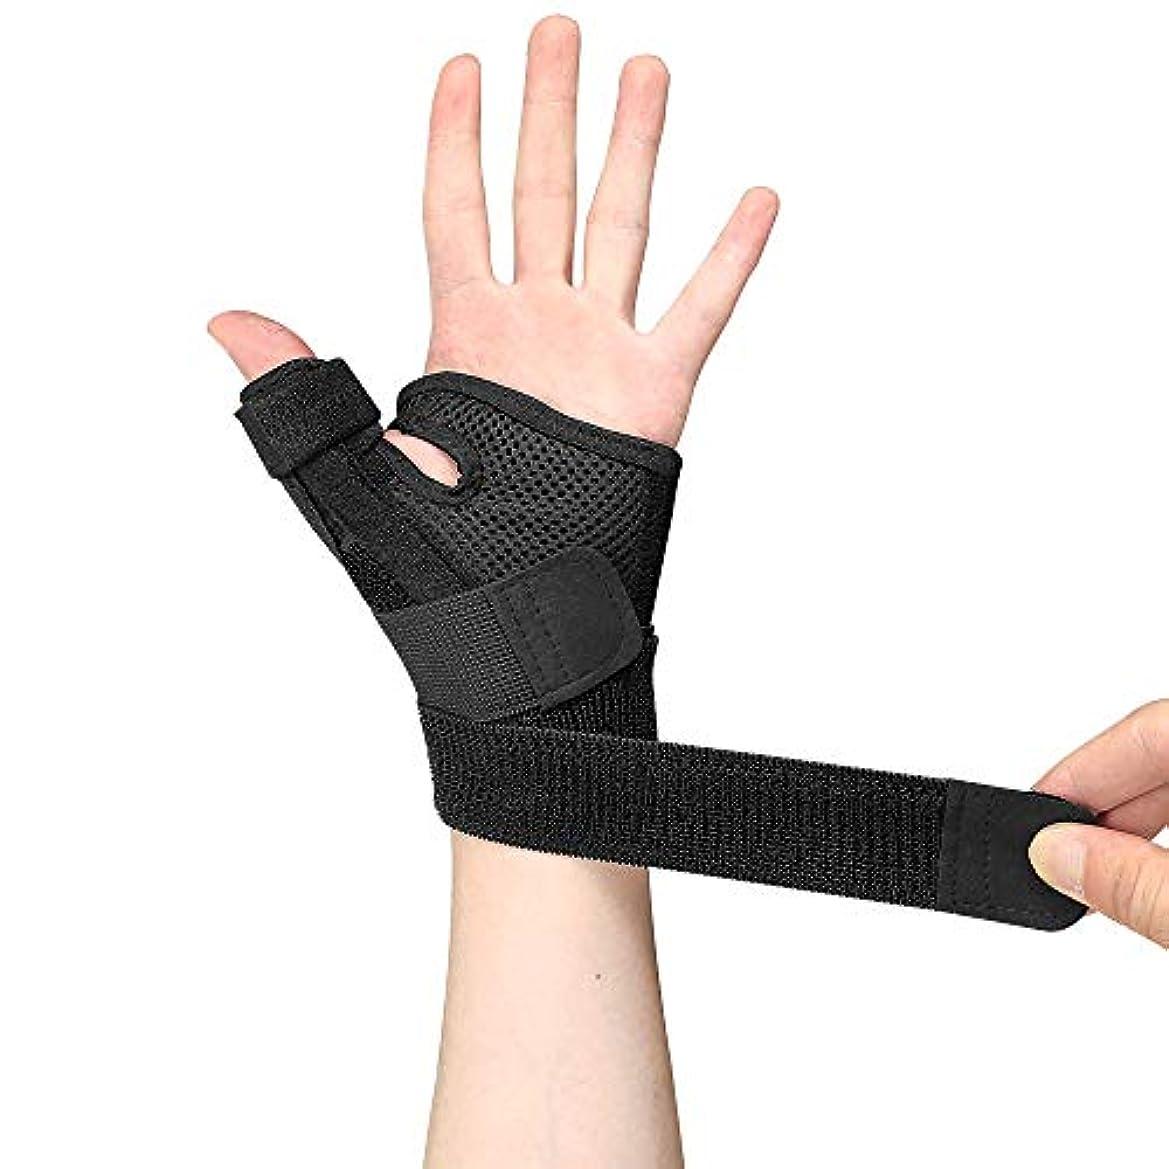 百万実行可能不和手首の睡眠サポート - 両手にフィット - 手根管の手助けをし、手首の痛みを和らげ、和らげます。